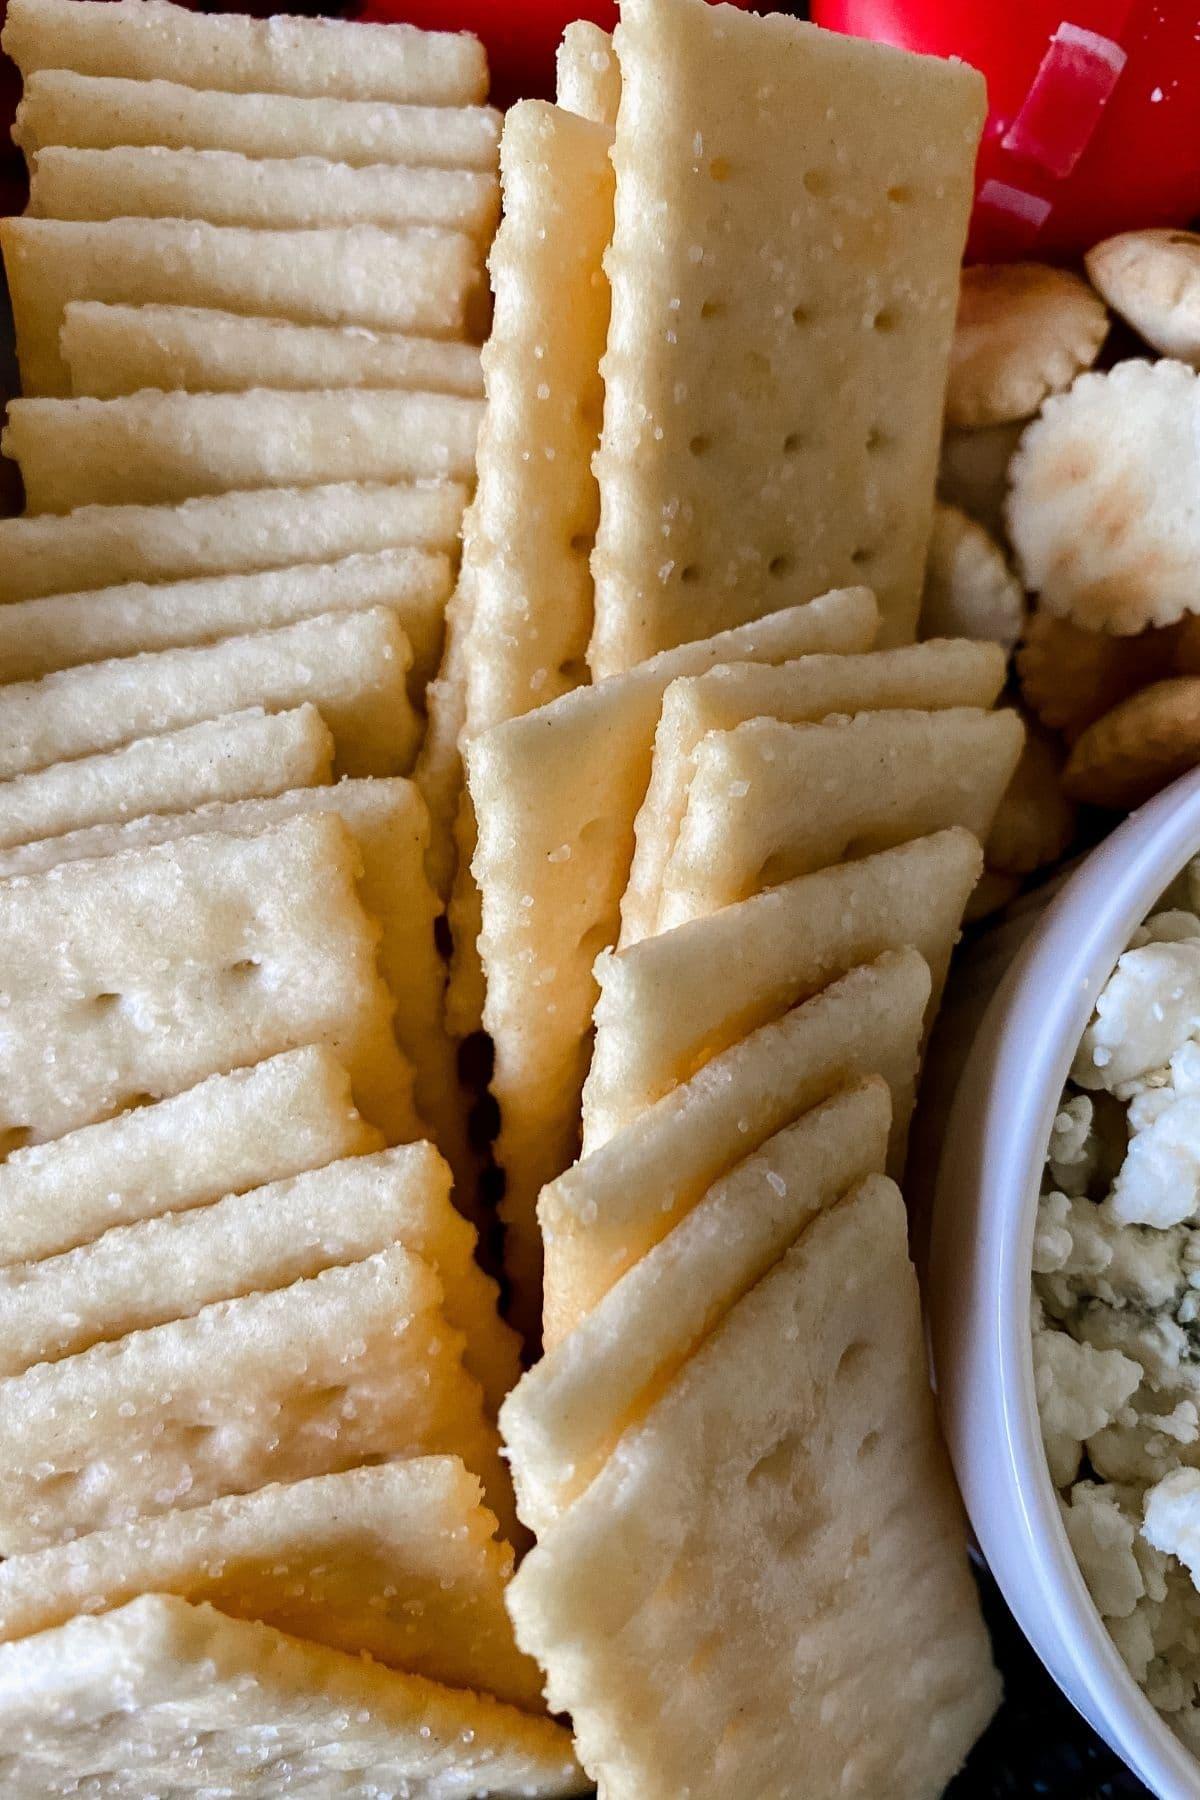 Club crackers on platter by ramekin